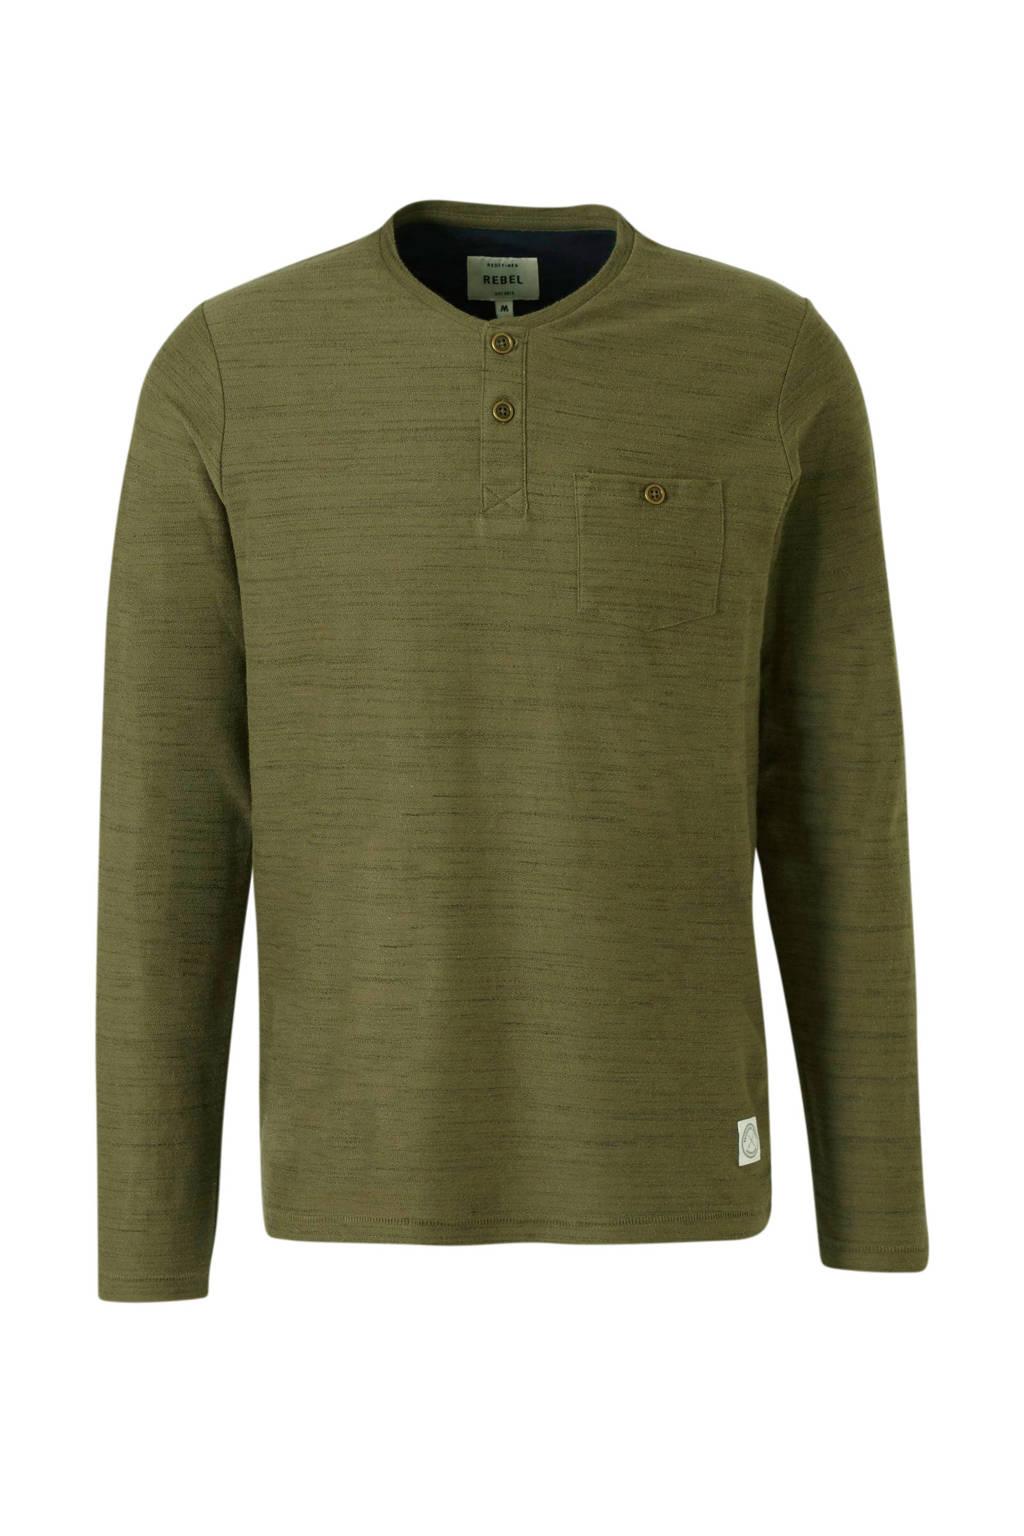 Redefined Rebel gemêleerd T-shirt olijfgroen, Olijfgroen